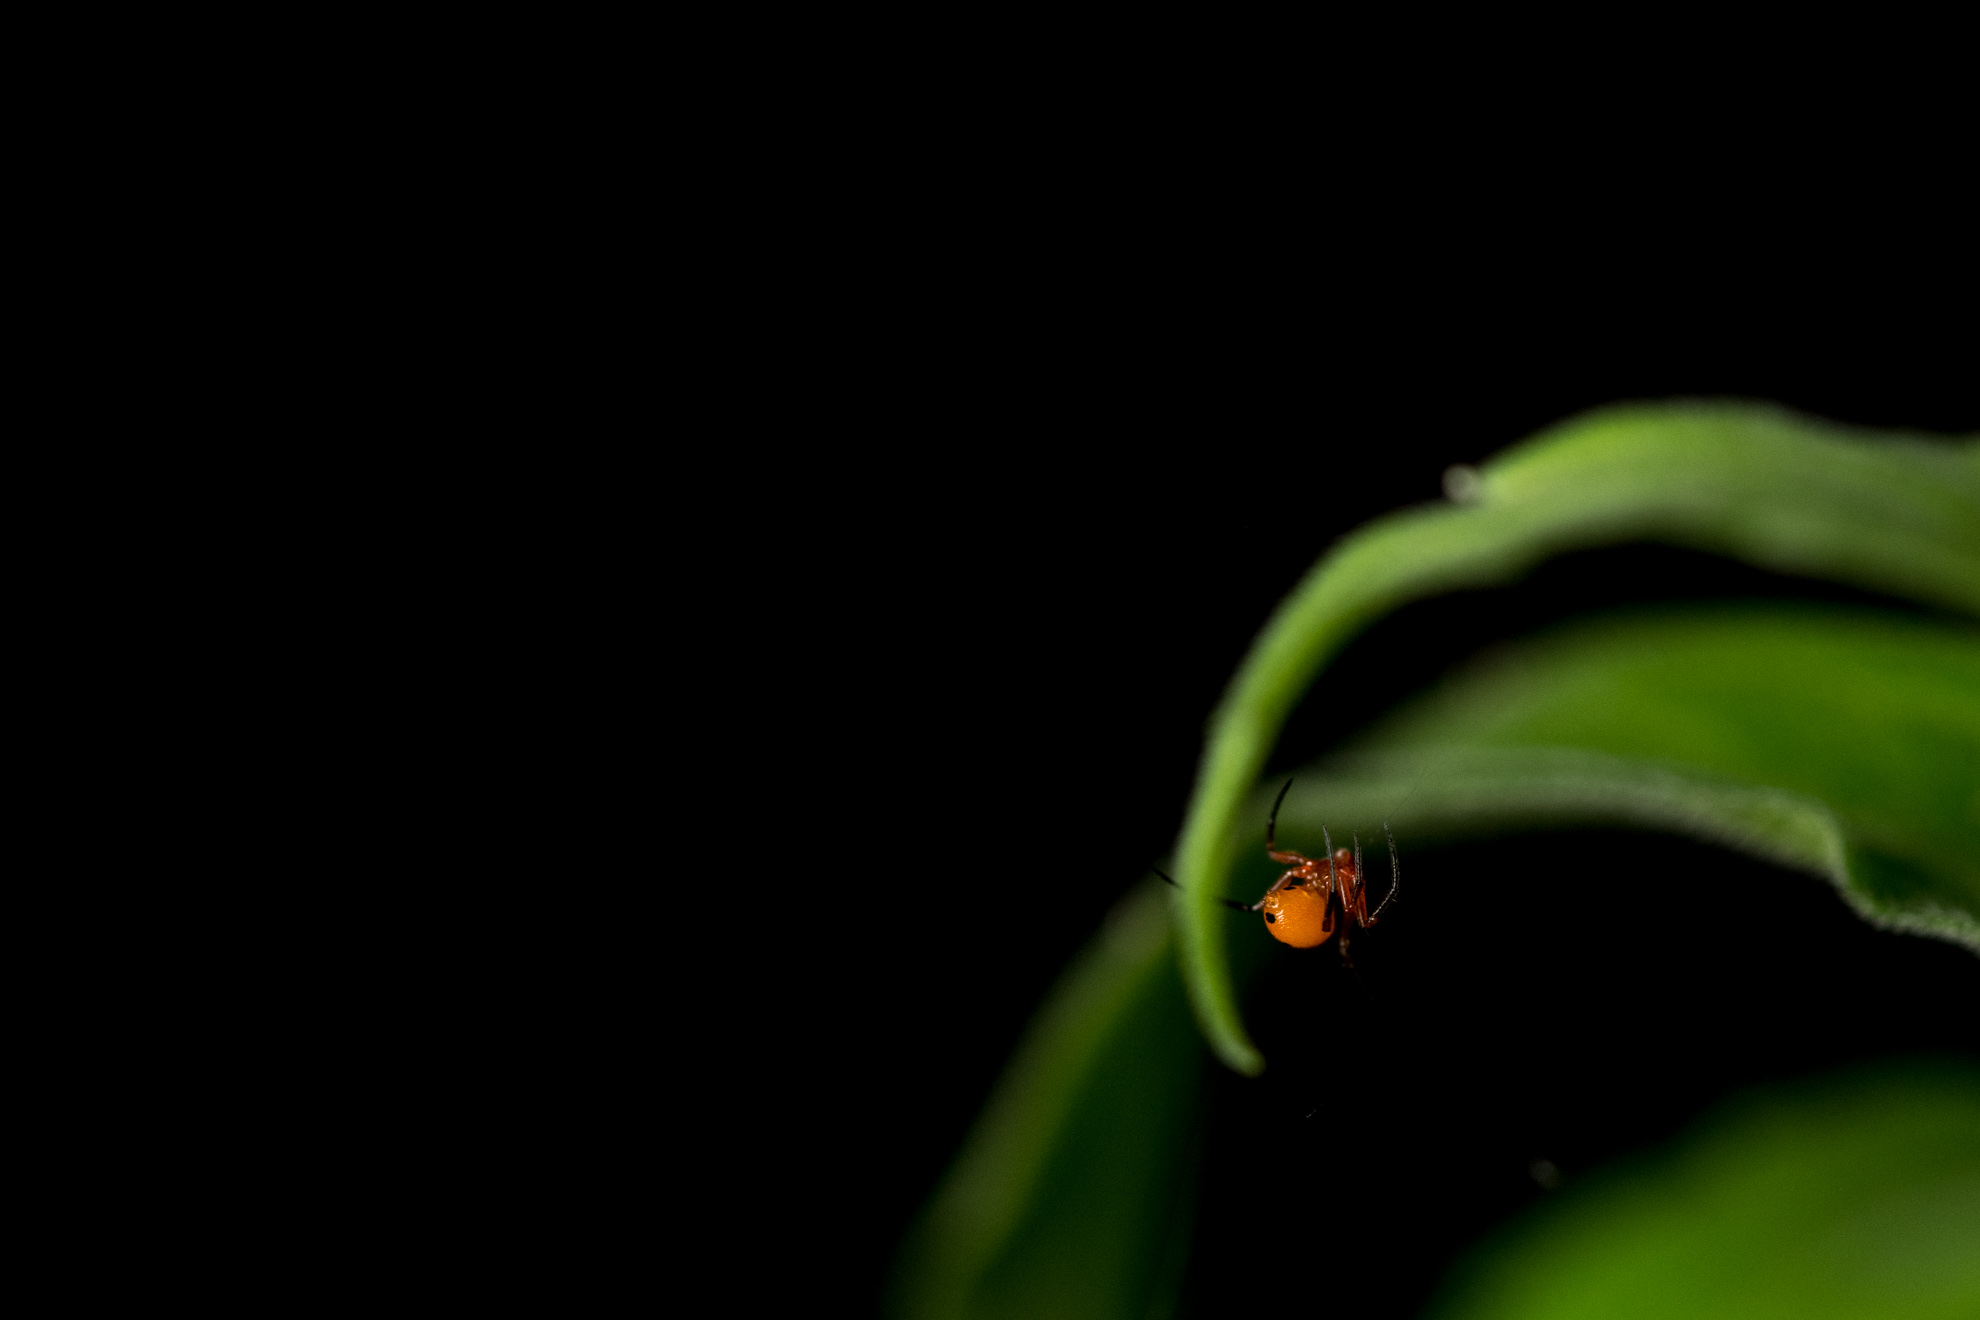 シロスジショウジョウグモ